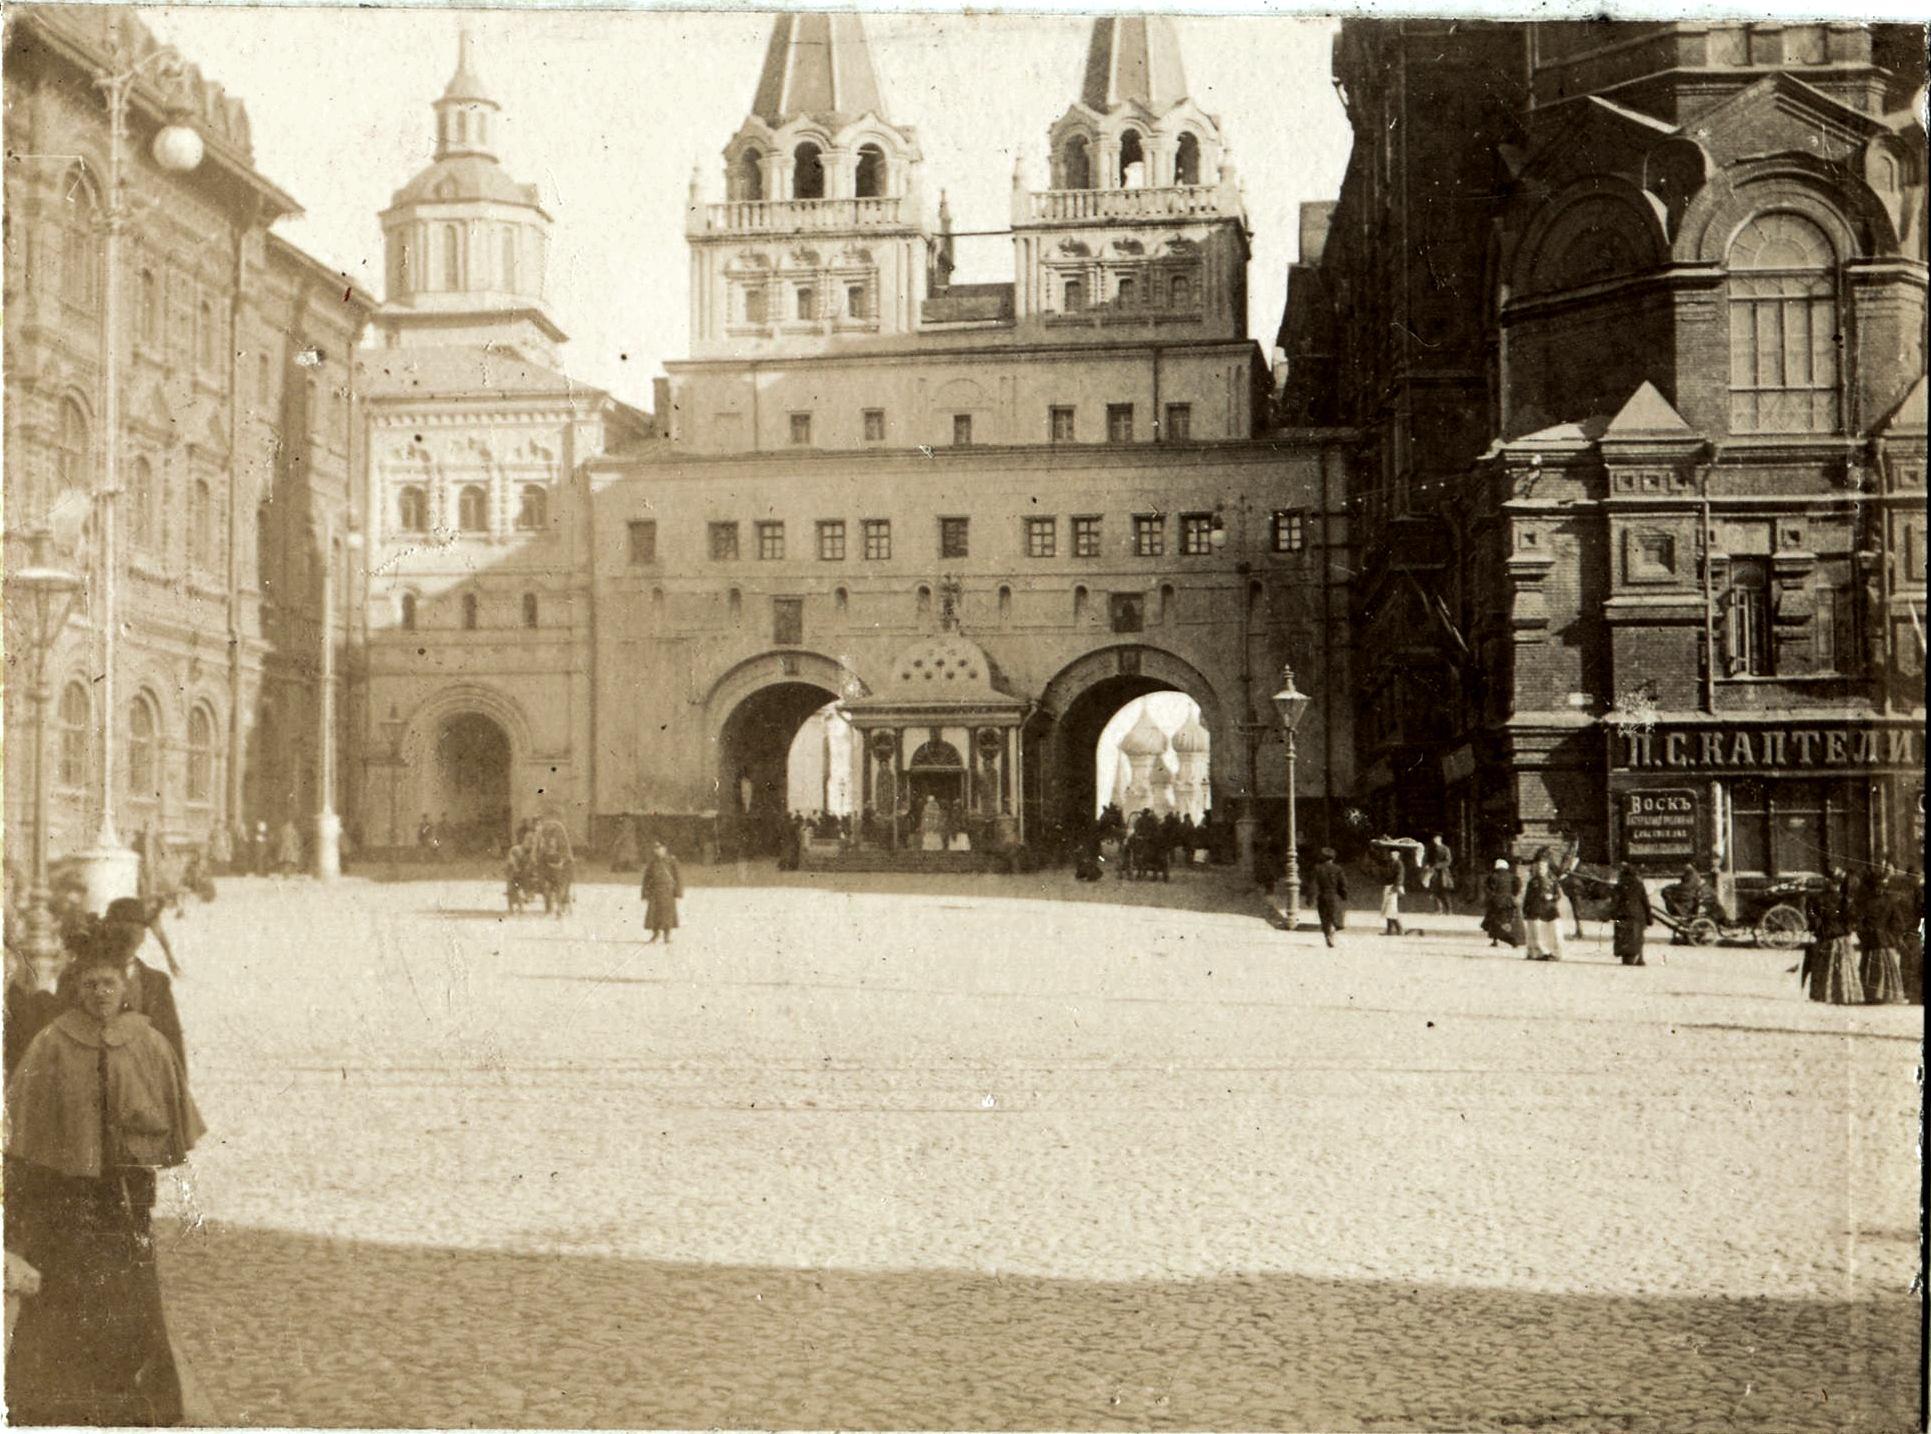 Воскресенские ворота в Кремле